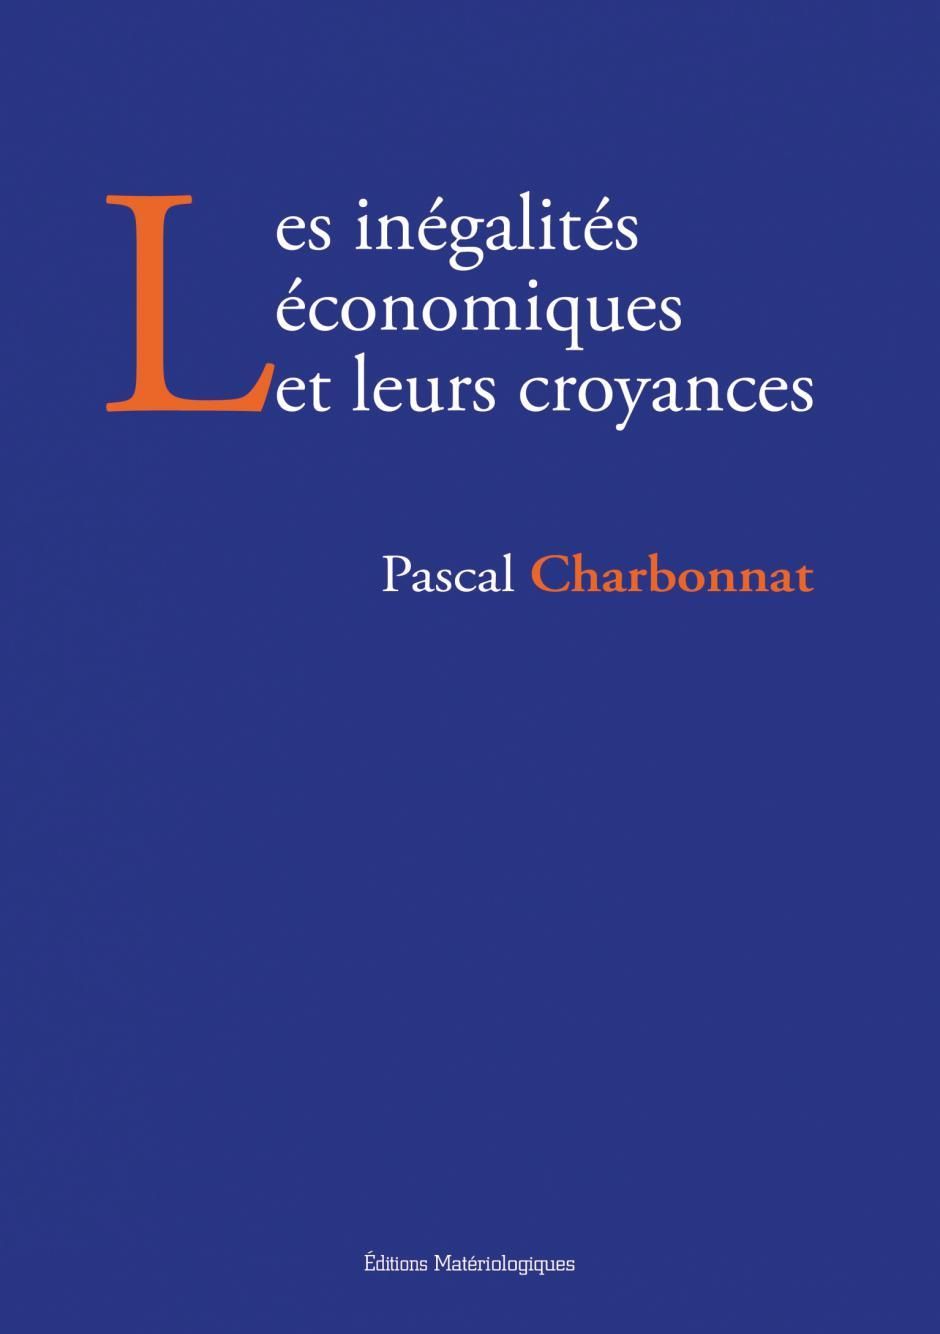 Les Inégalités économiques et leurs croyances, Pascal Charbonnat